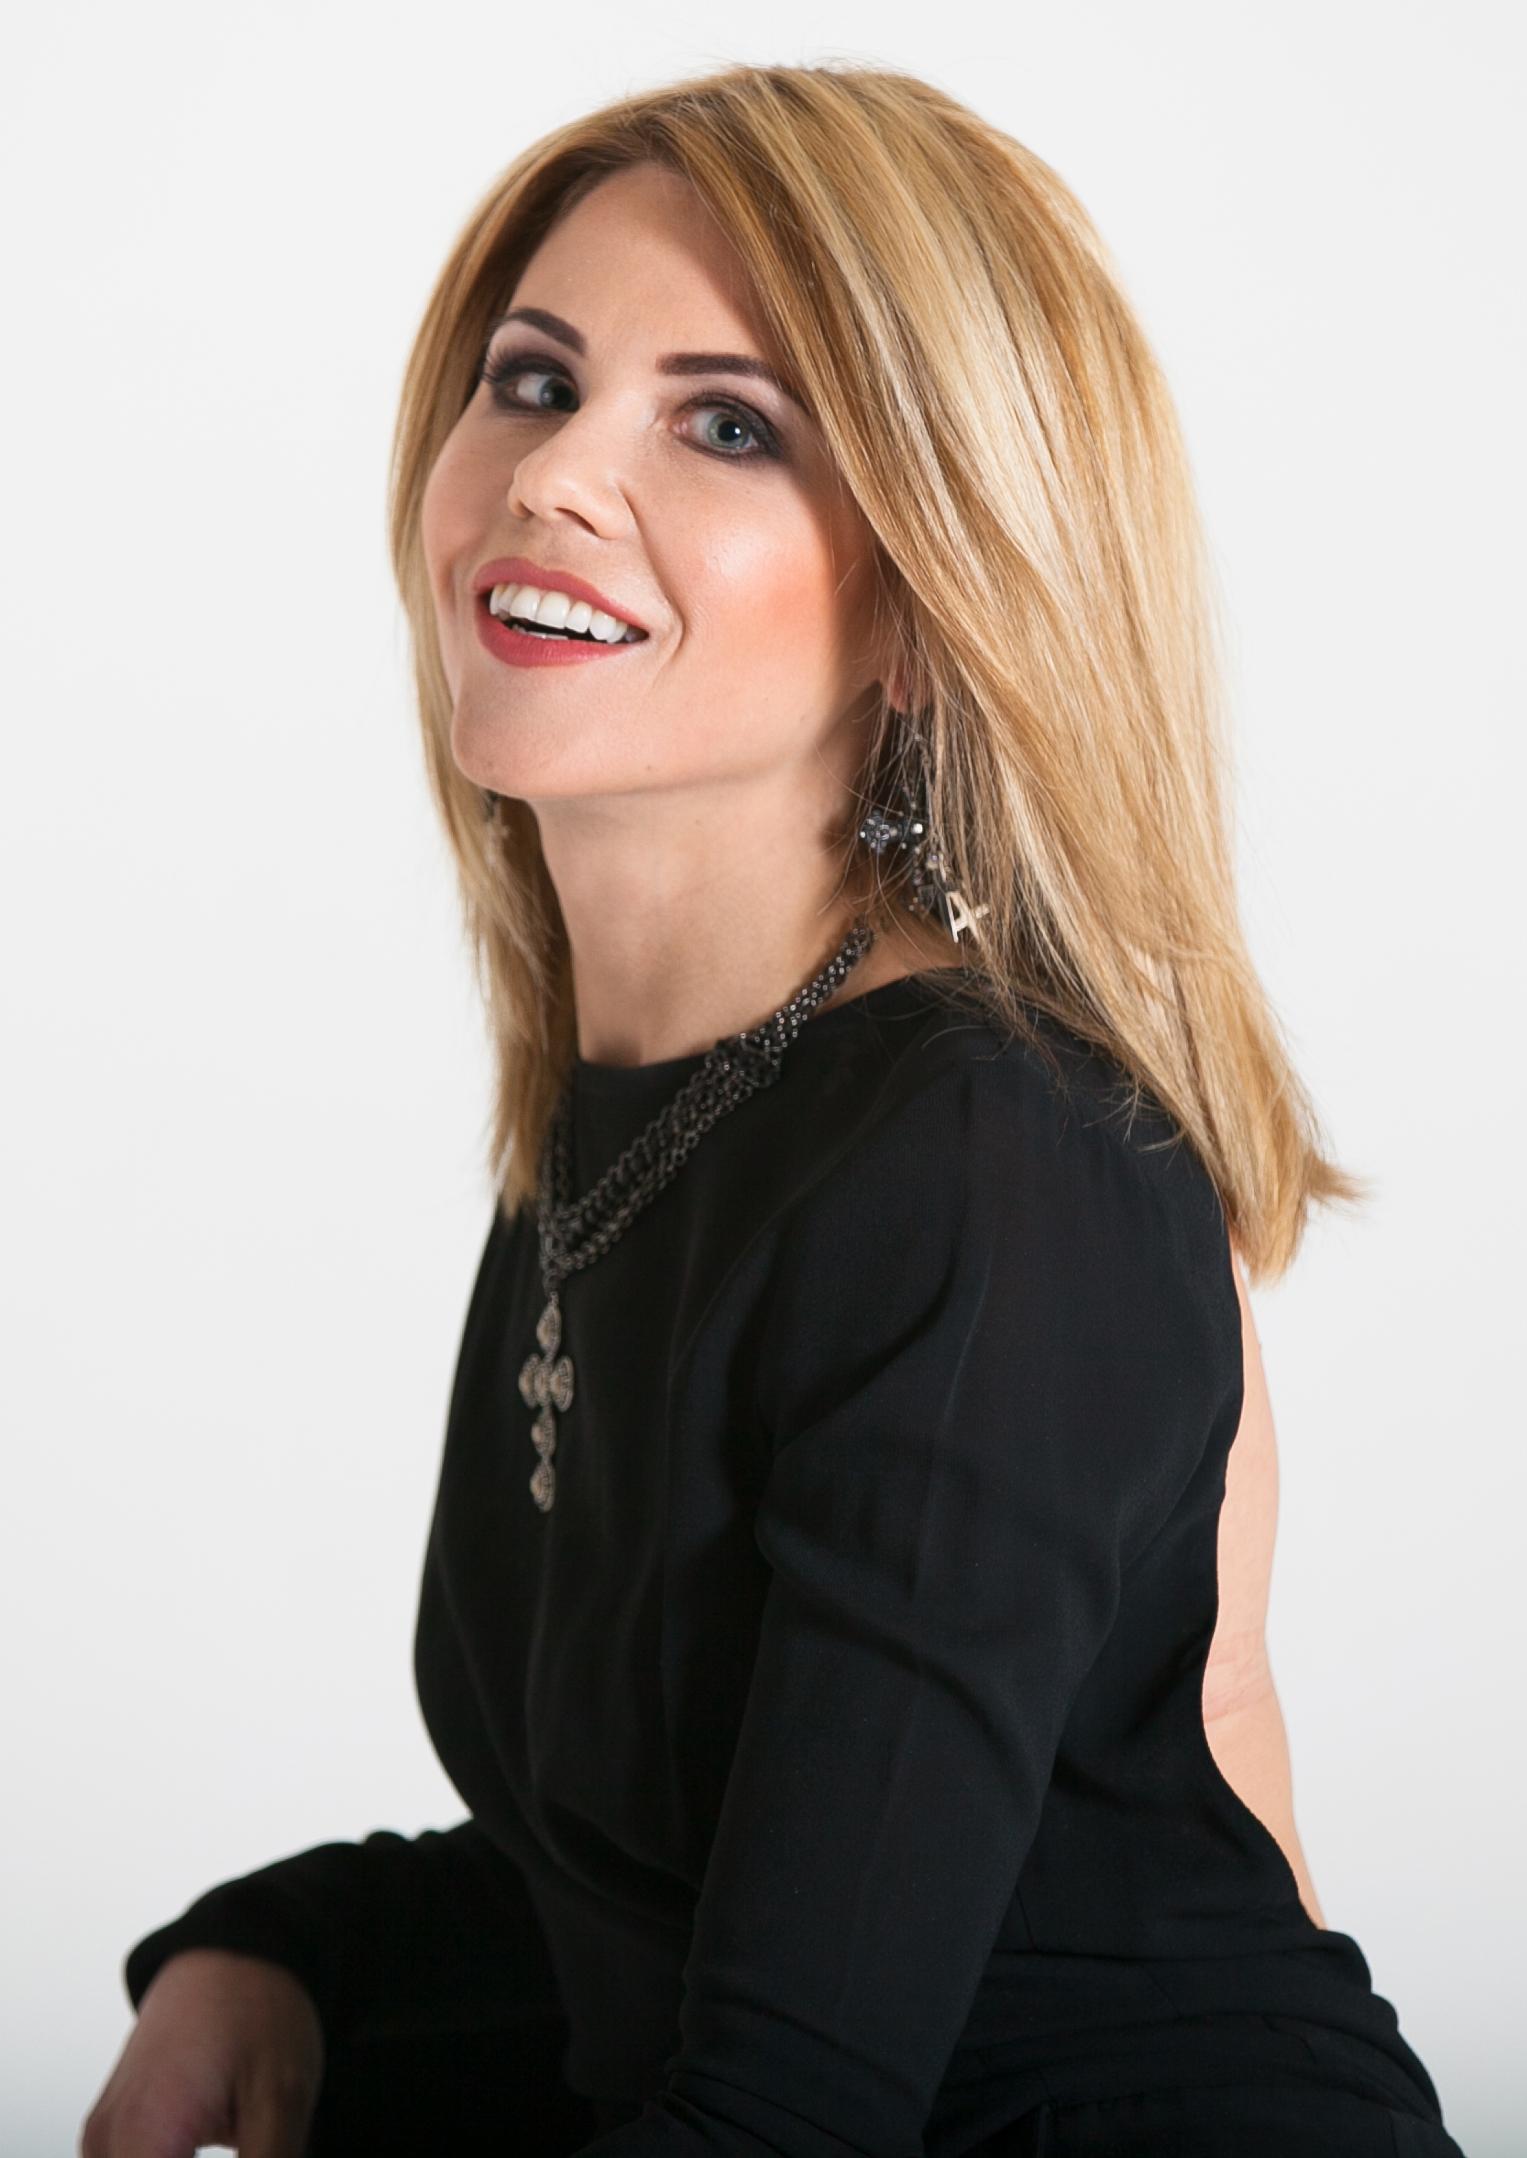 Анастасия макаревич модельный бизнес дмитров